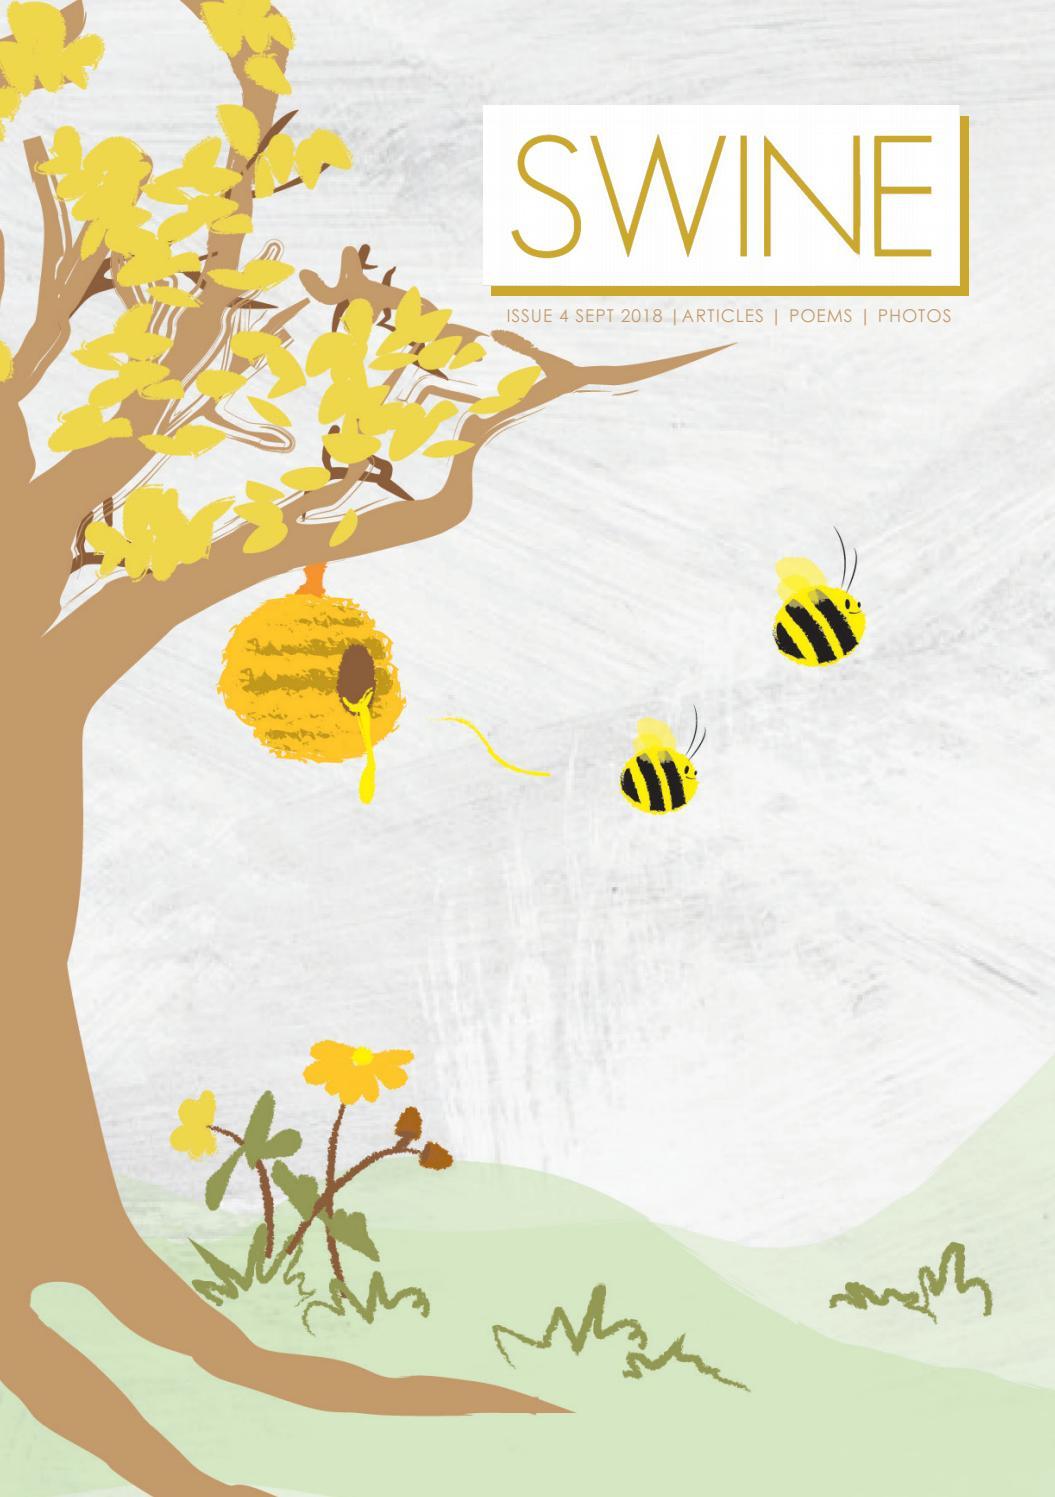 Swine Issue 4 2018 by SWINE - issuu